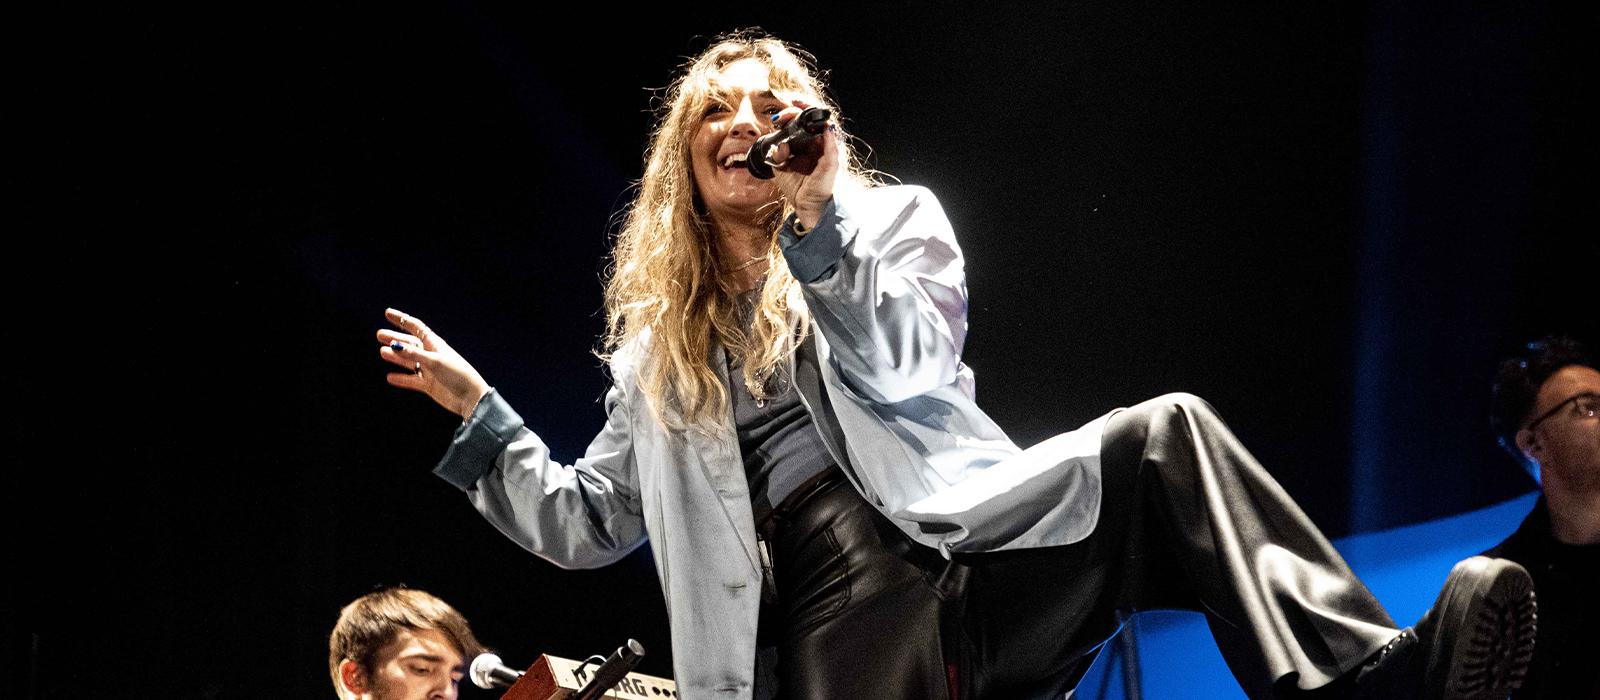 La joven cantautora revelación Paula Mattheus presentará su primer EP 'Veintitantas primaveras' en directo este otoño